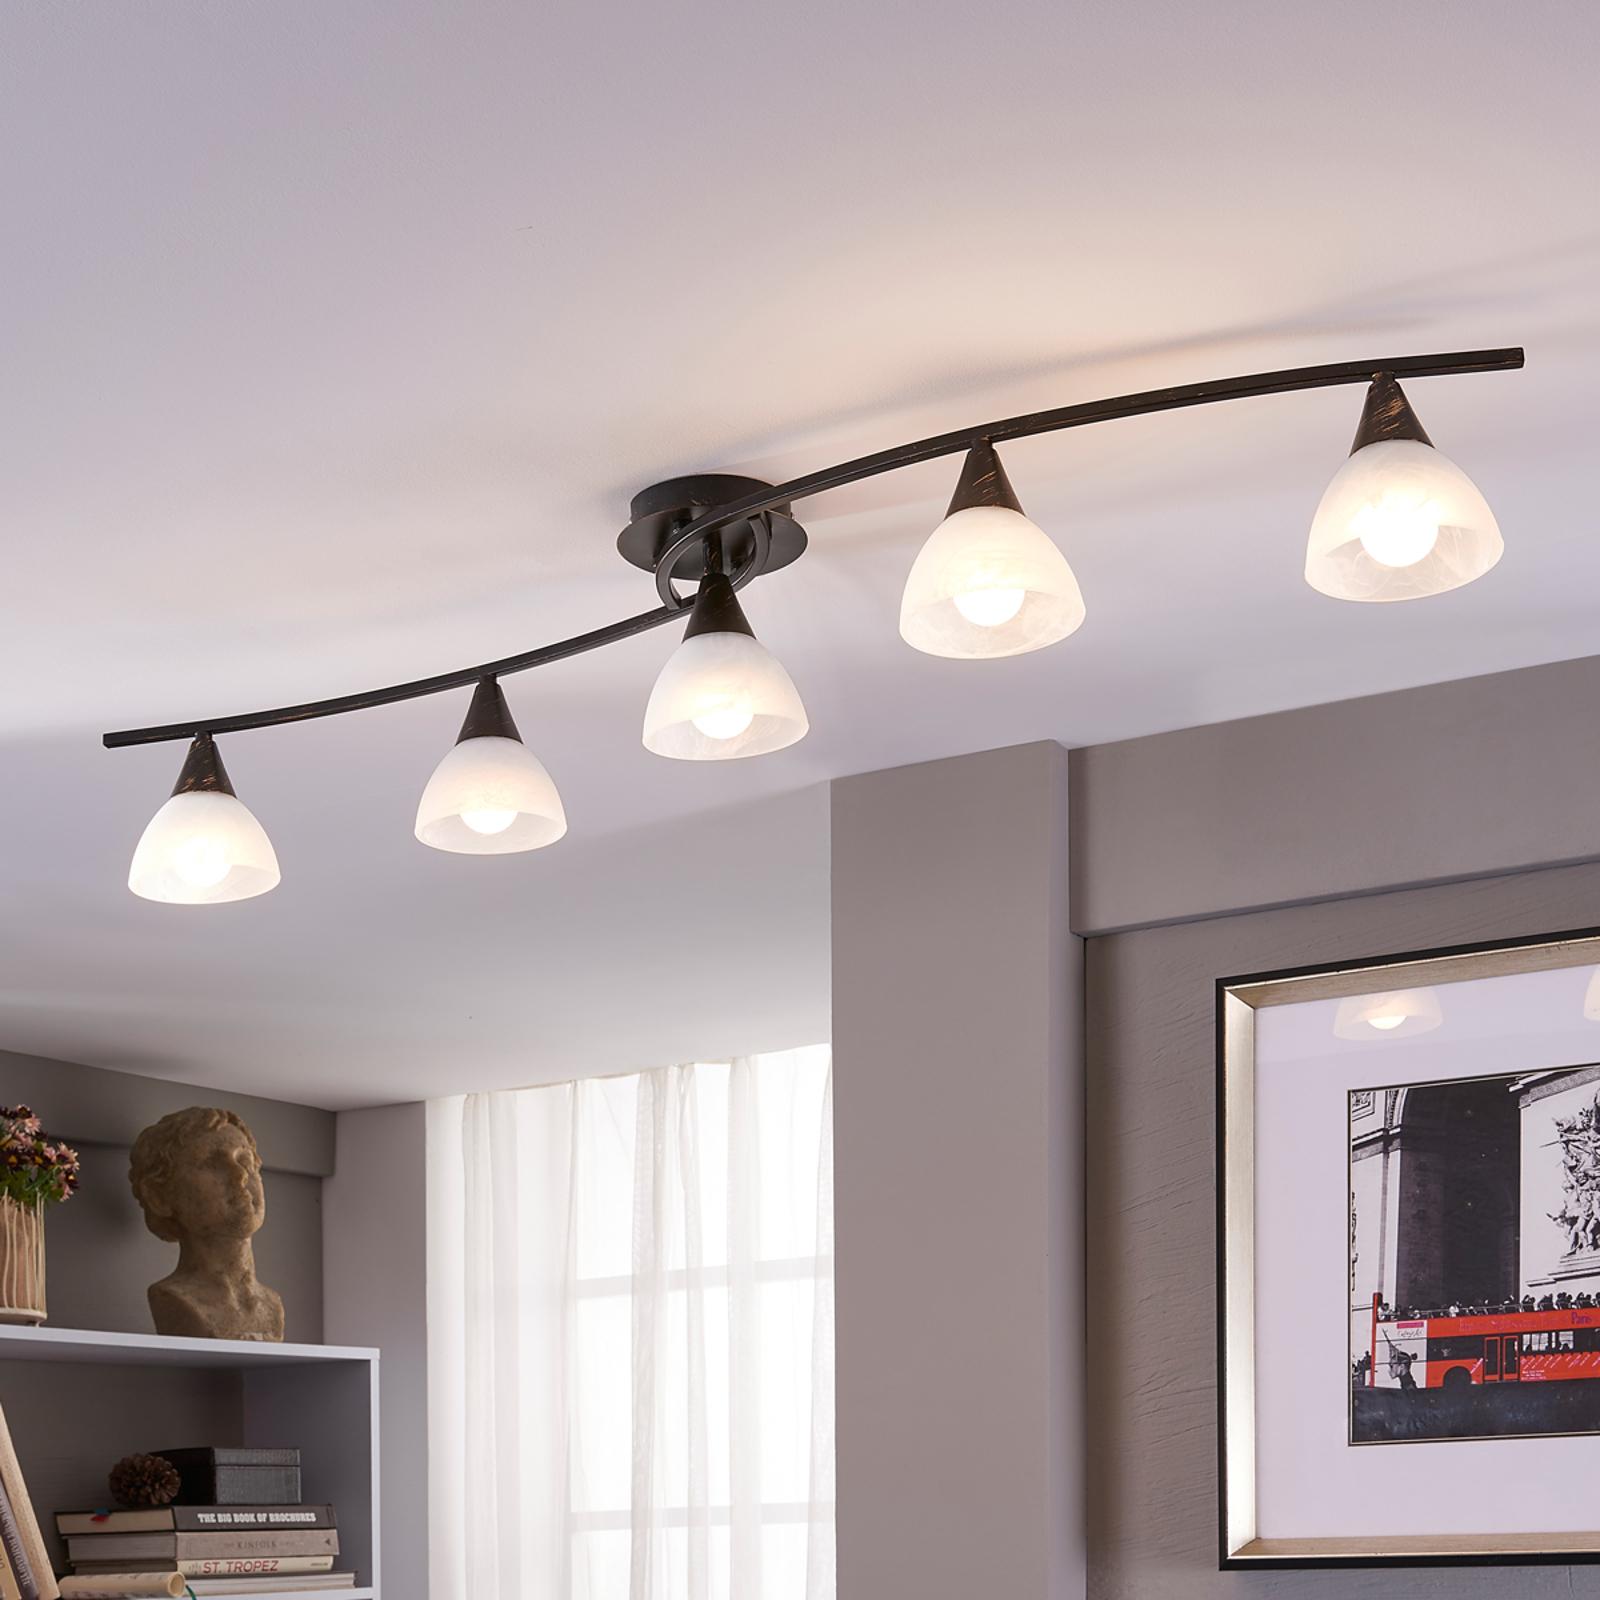 Acquista Della - lampada LED da soffitto a 5 luci allungata